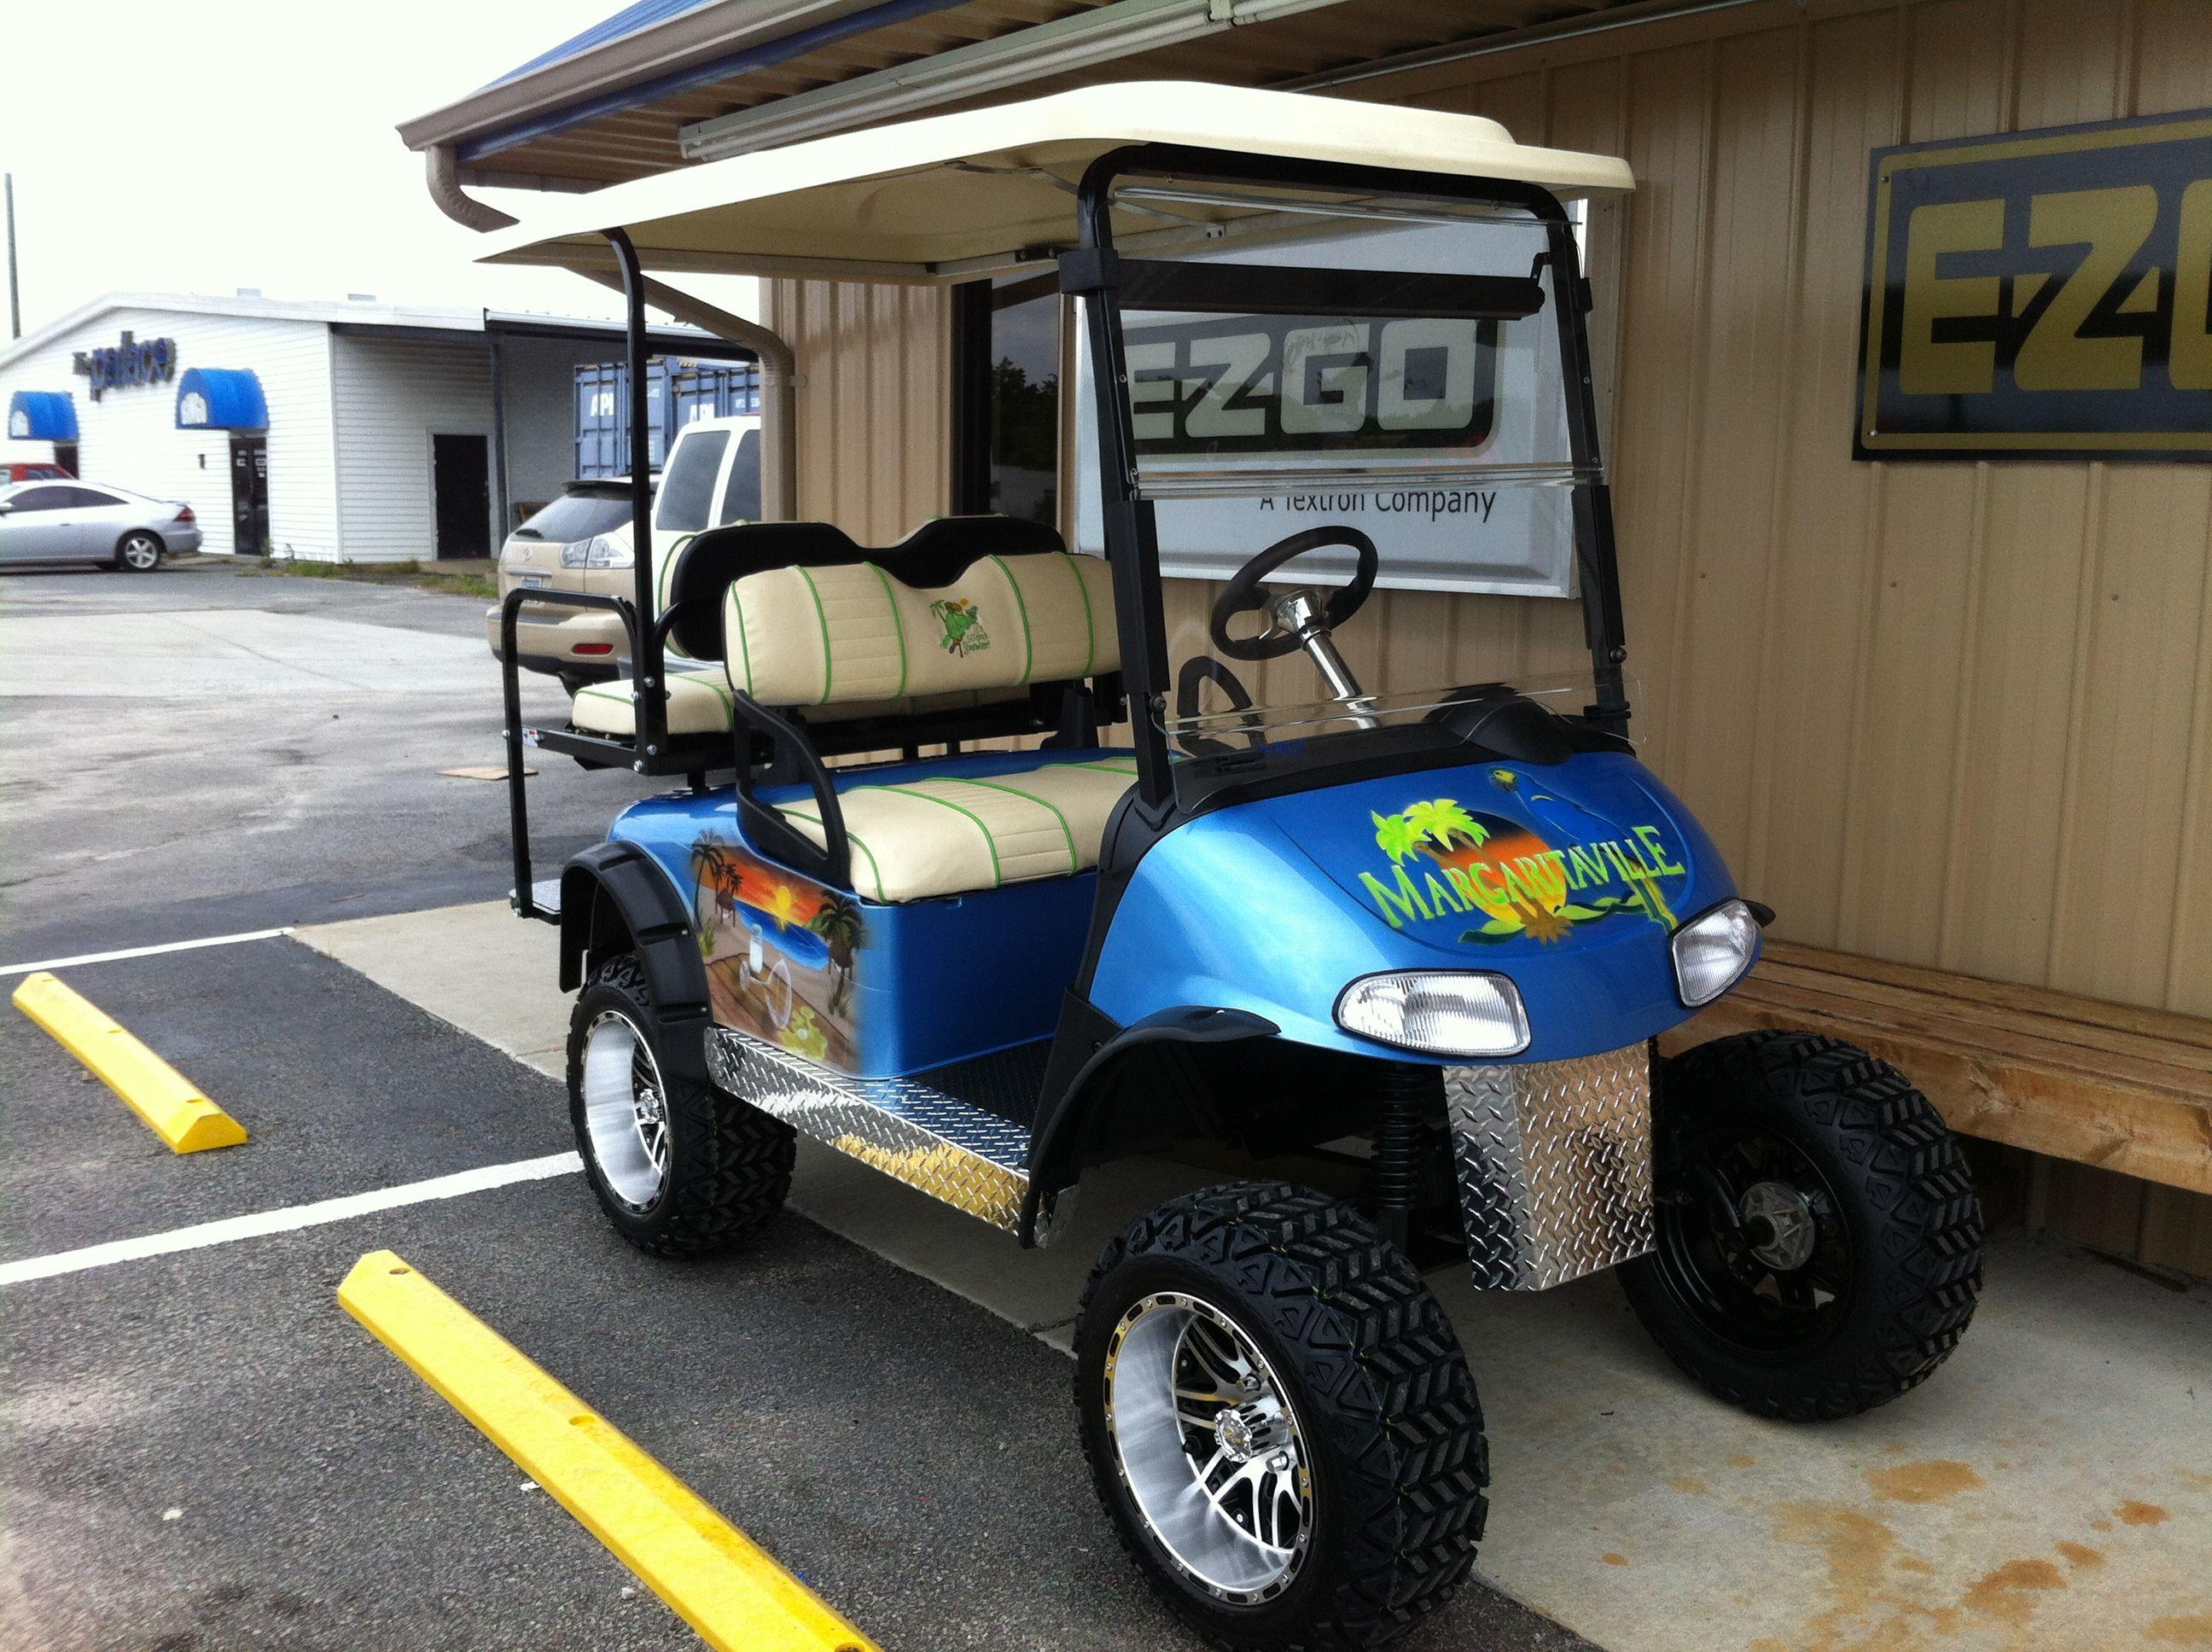 Margaritaville Golf Carts For Sale Effingham Evans Custom ...  |Margaritaville Golf Cart Craigslist